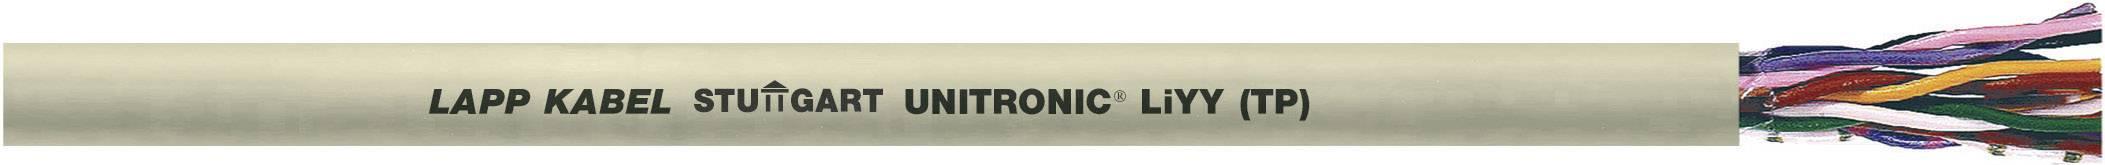 Dátový kábel LappKabel 0035162 UNITRONIC® LiYY (TP), 4 x 2 x 0.25 mm², sivá, metrový tovar